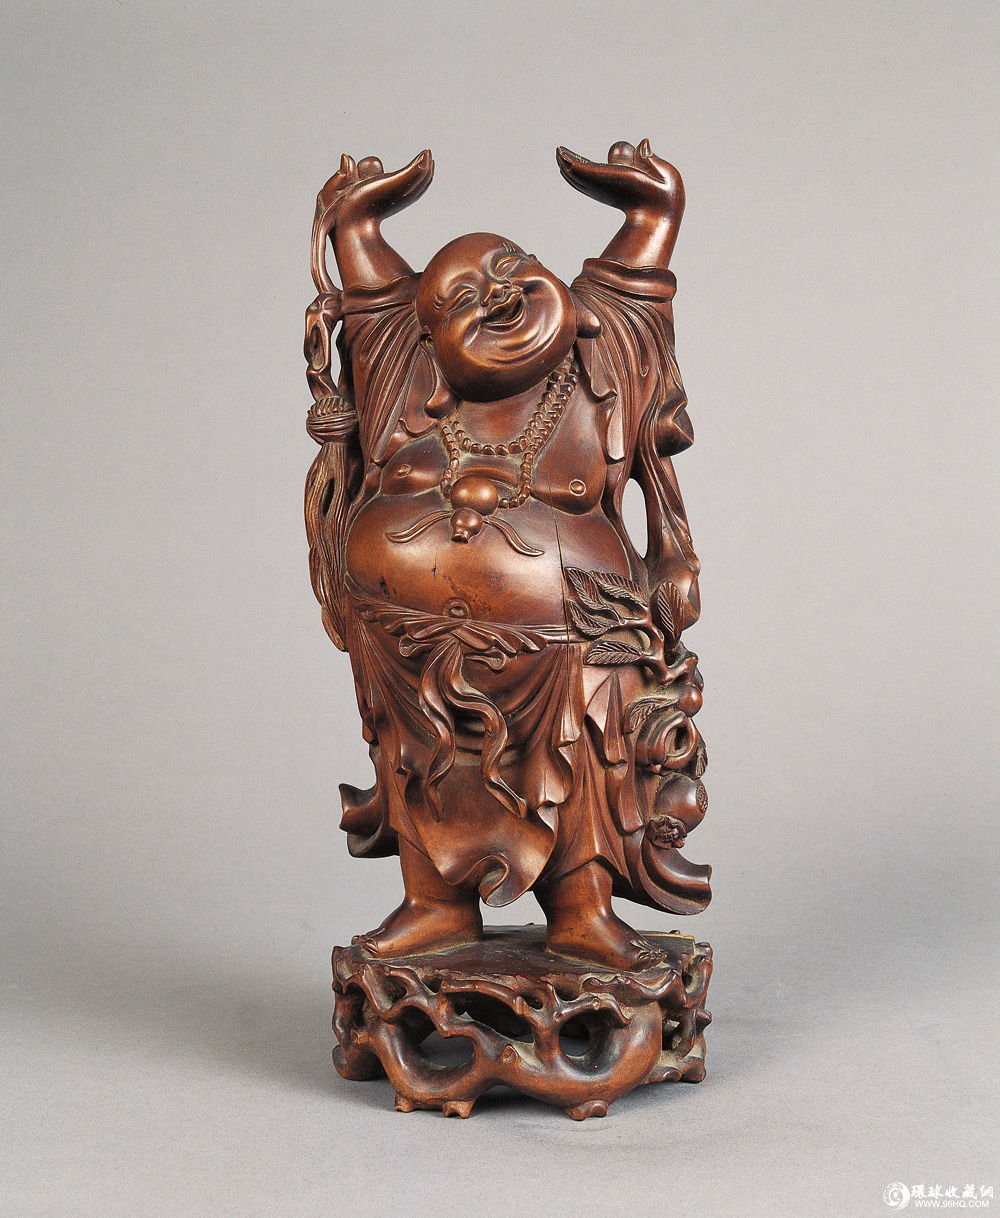 明清时代小型木雕摆件,建筑木雕装饰和木雕日用器物大为发展.